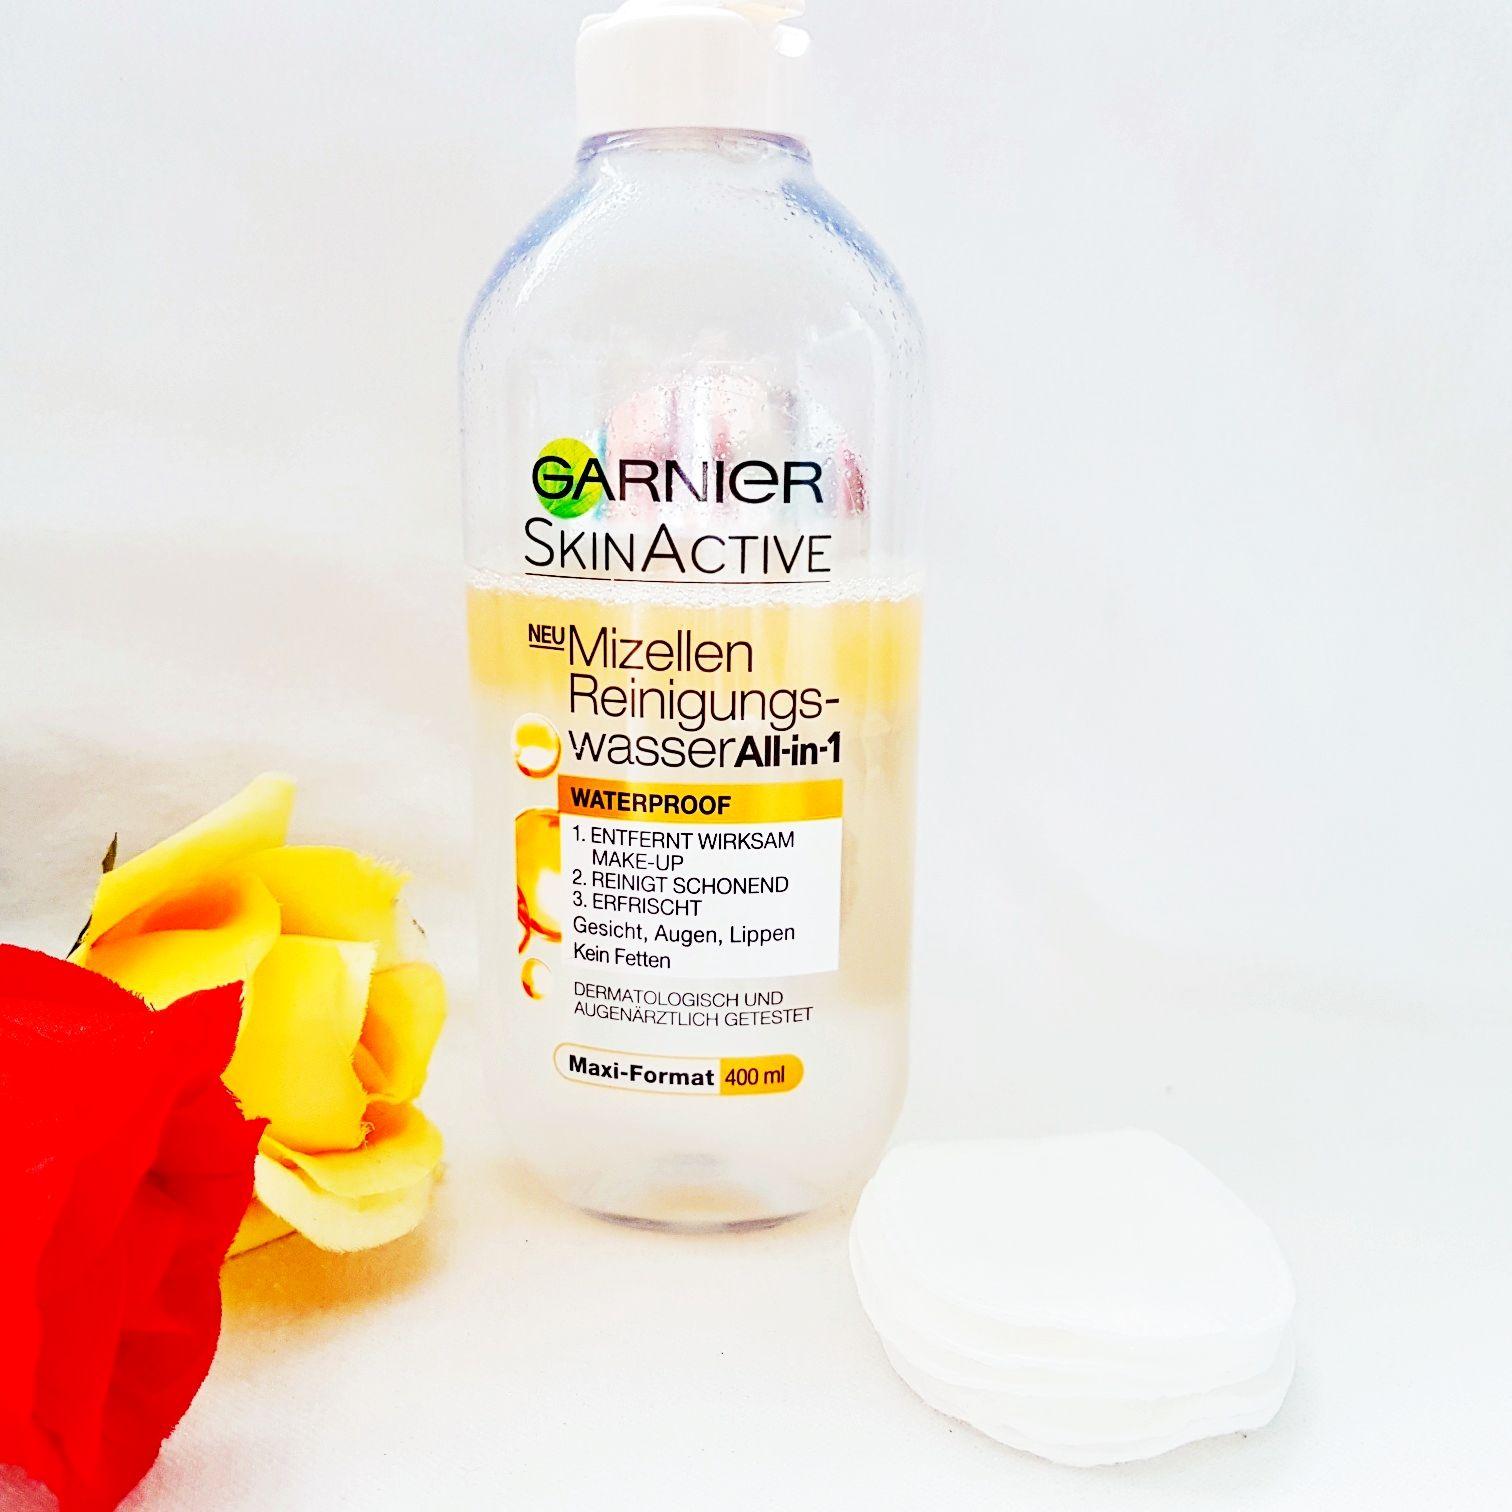 Testbericht Garnier SkinActive Mizellen Reinigungswasser All-in-1 Waterproof